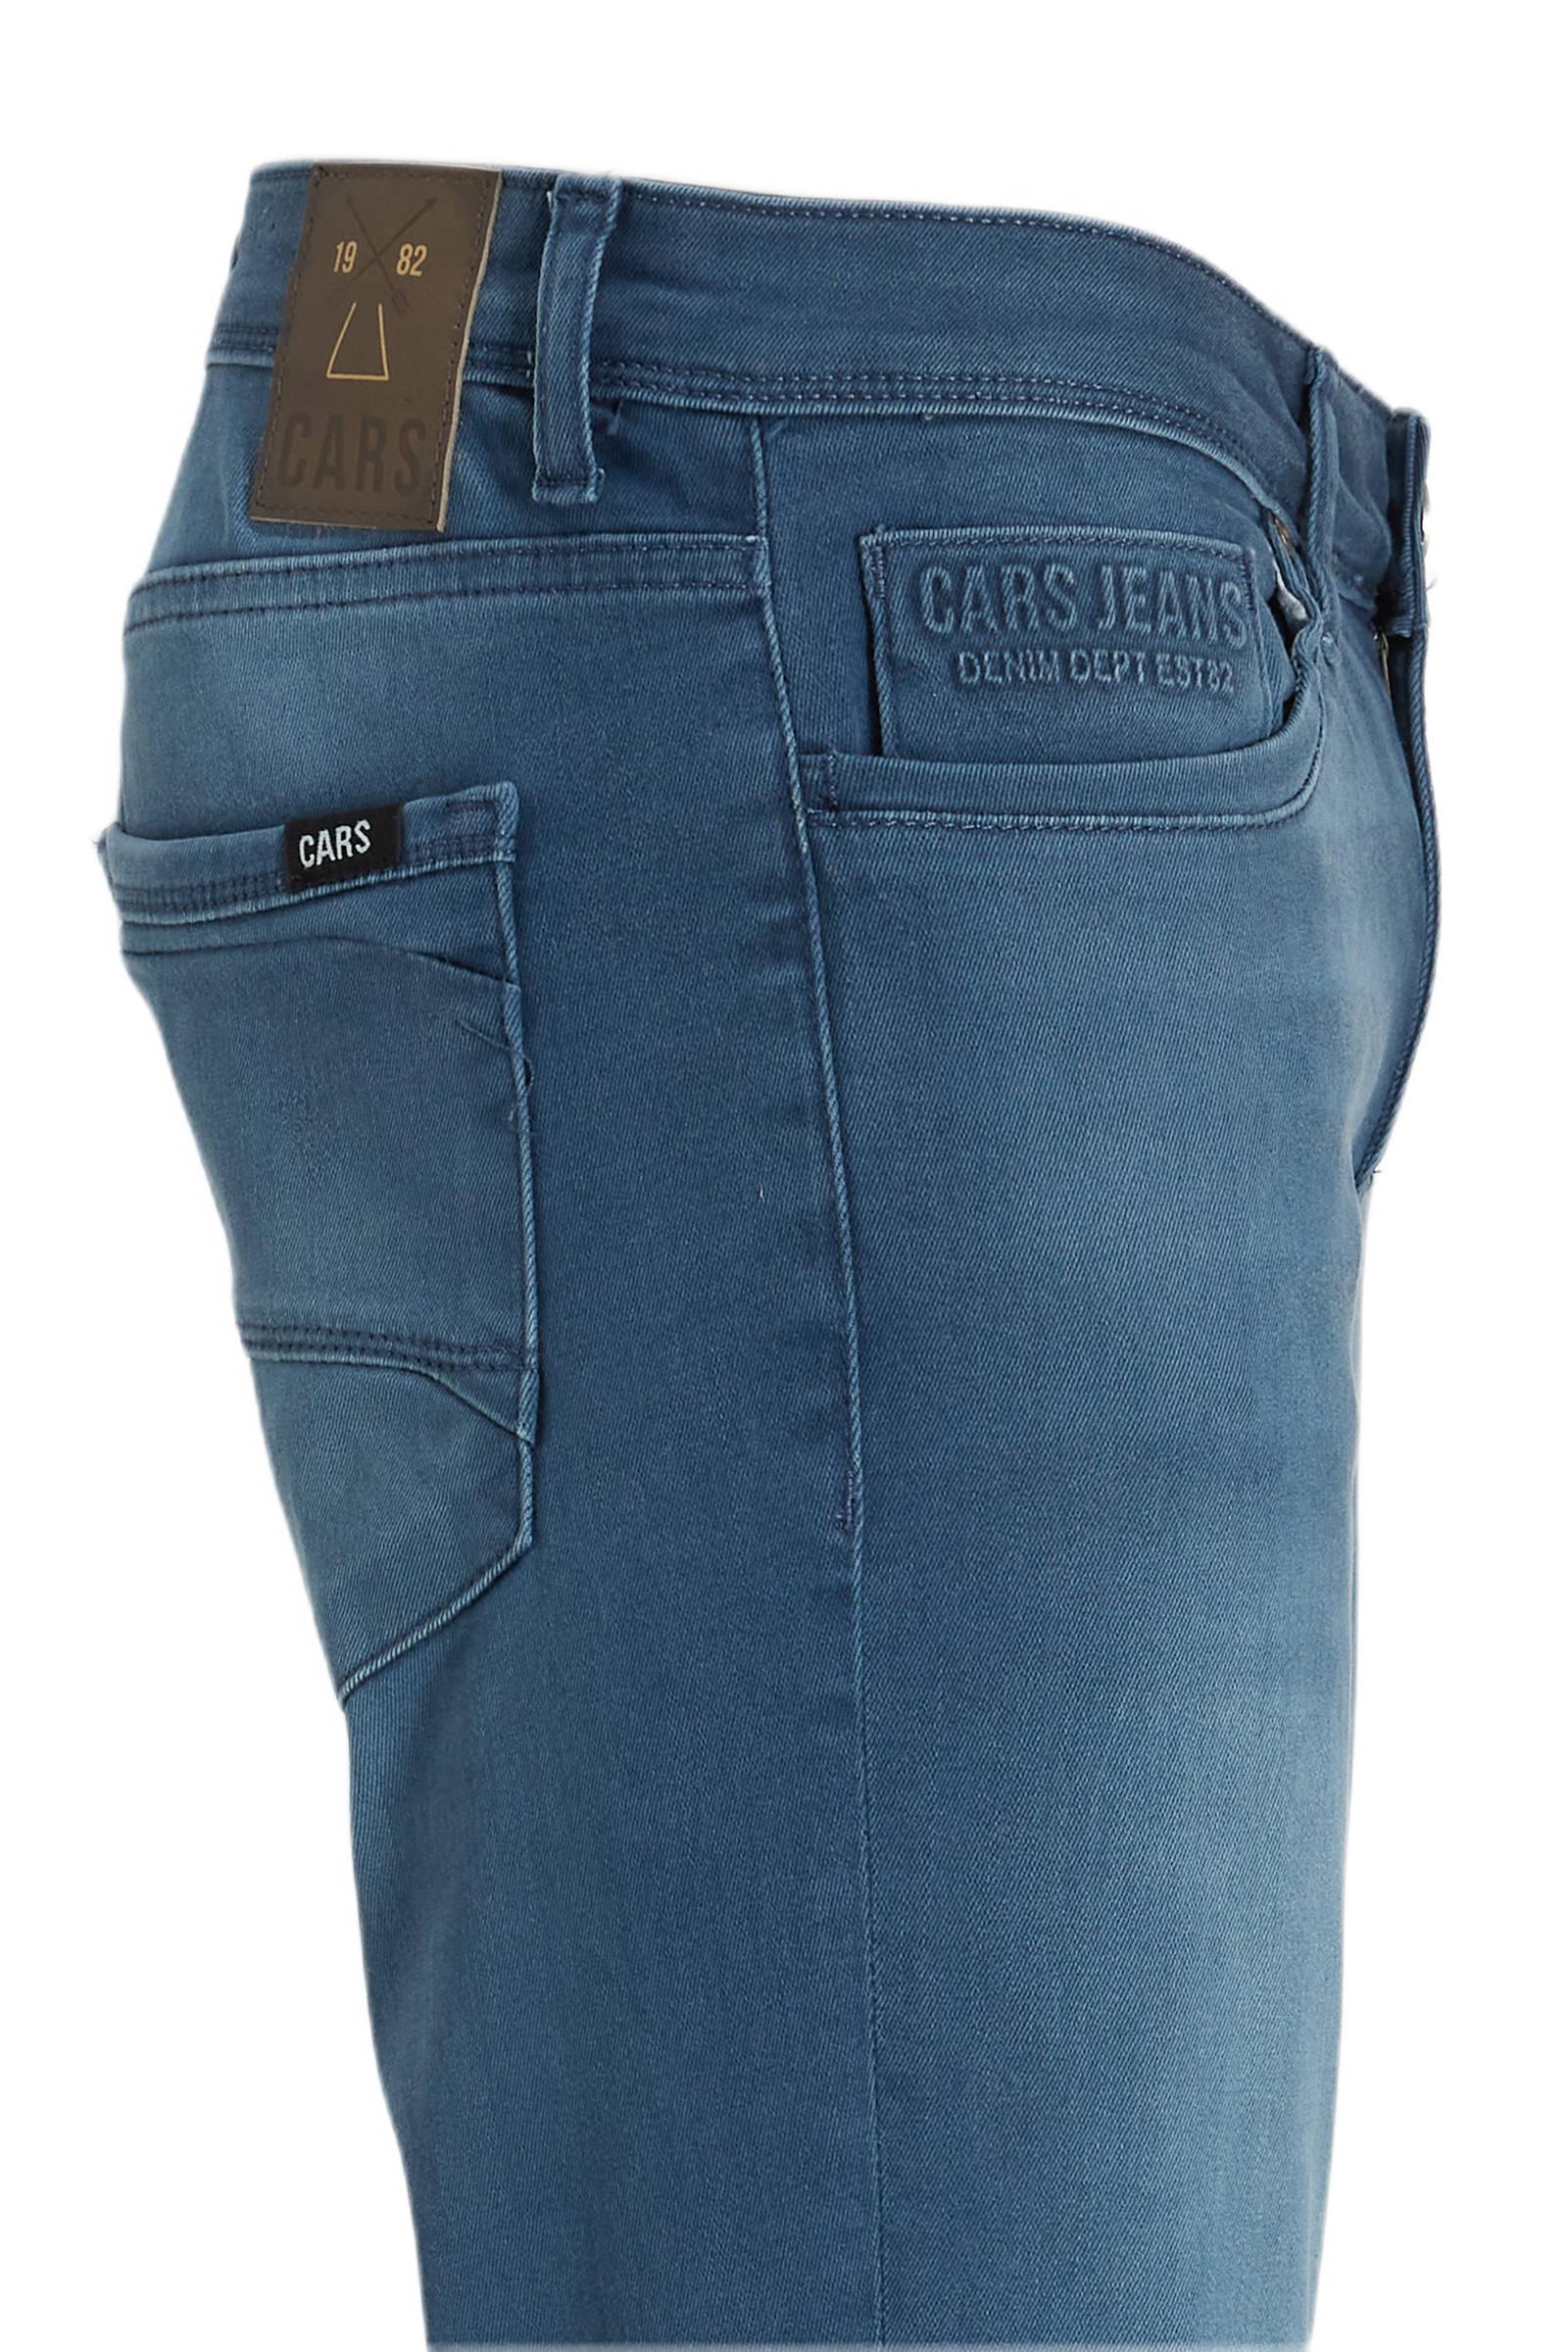 Cars slim fit jeans Blast dallas blue | wehkamp